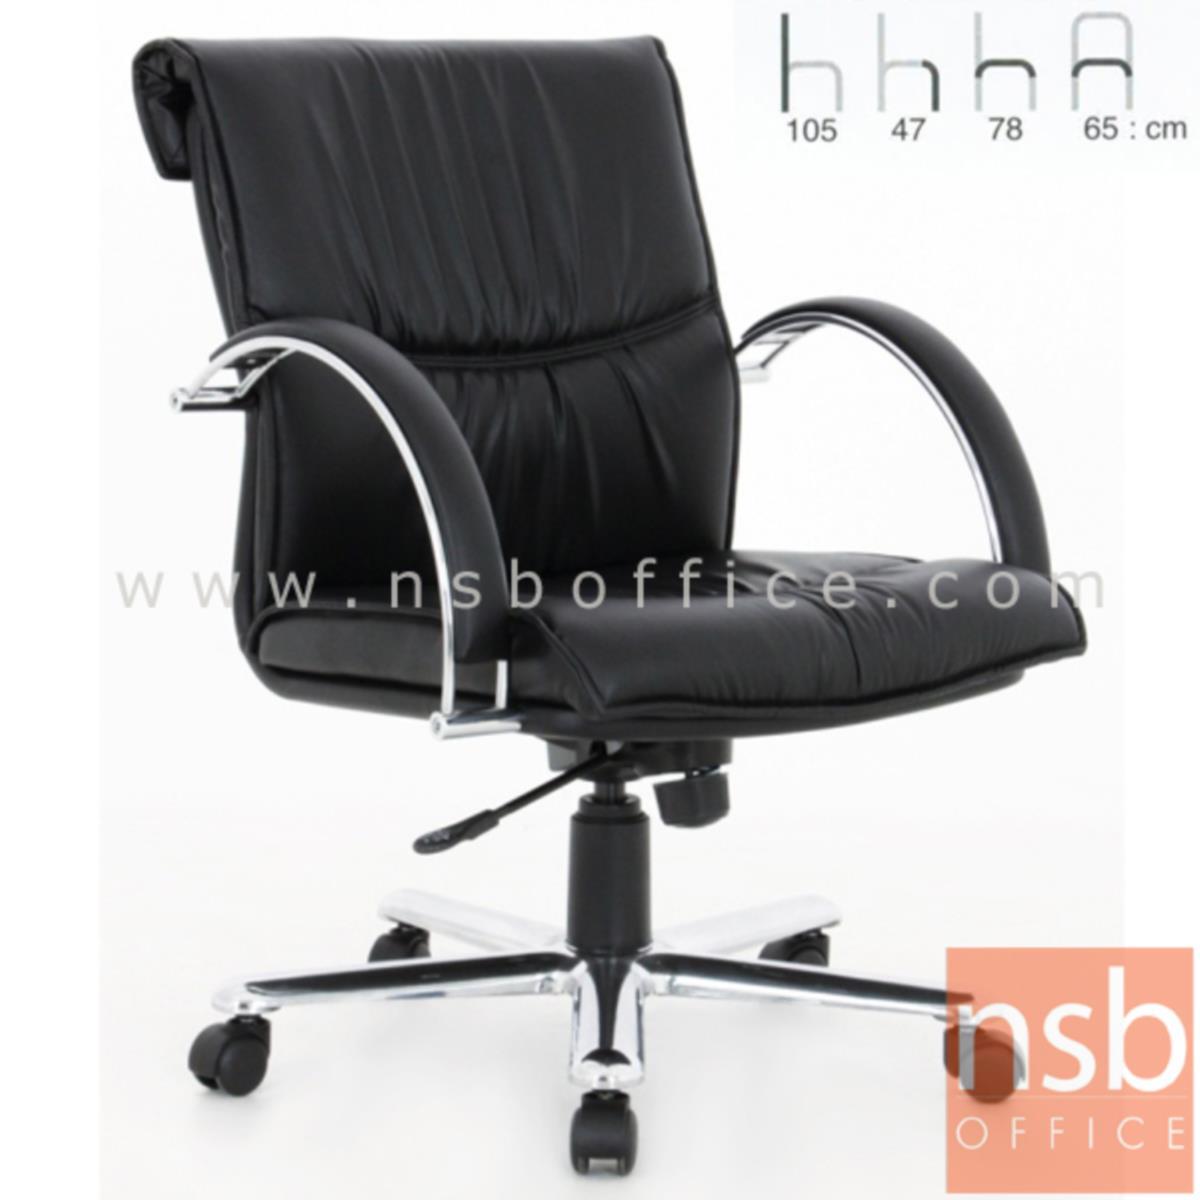 B28A019:เก้าอี้สำนักงาน รุ่น monarch (มอเนิร์ค)  โช๊คแก๊ส มีก้อนโยก ขาเหล็กชุบโครเมี่ยม